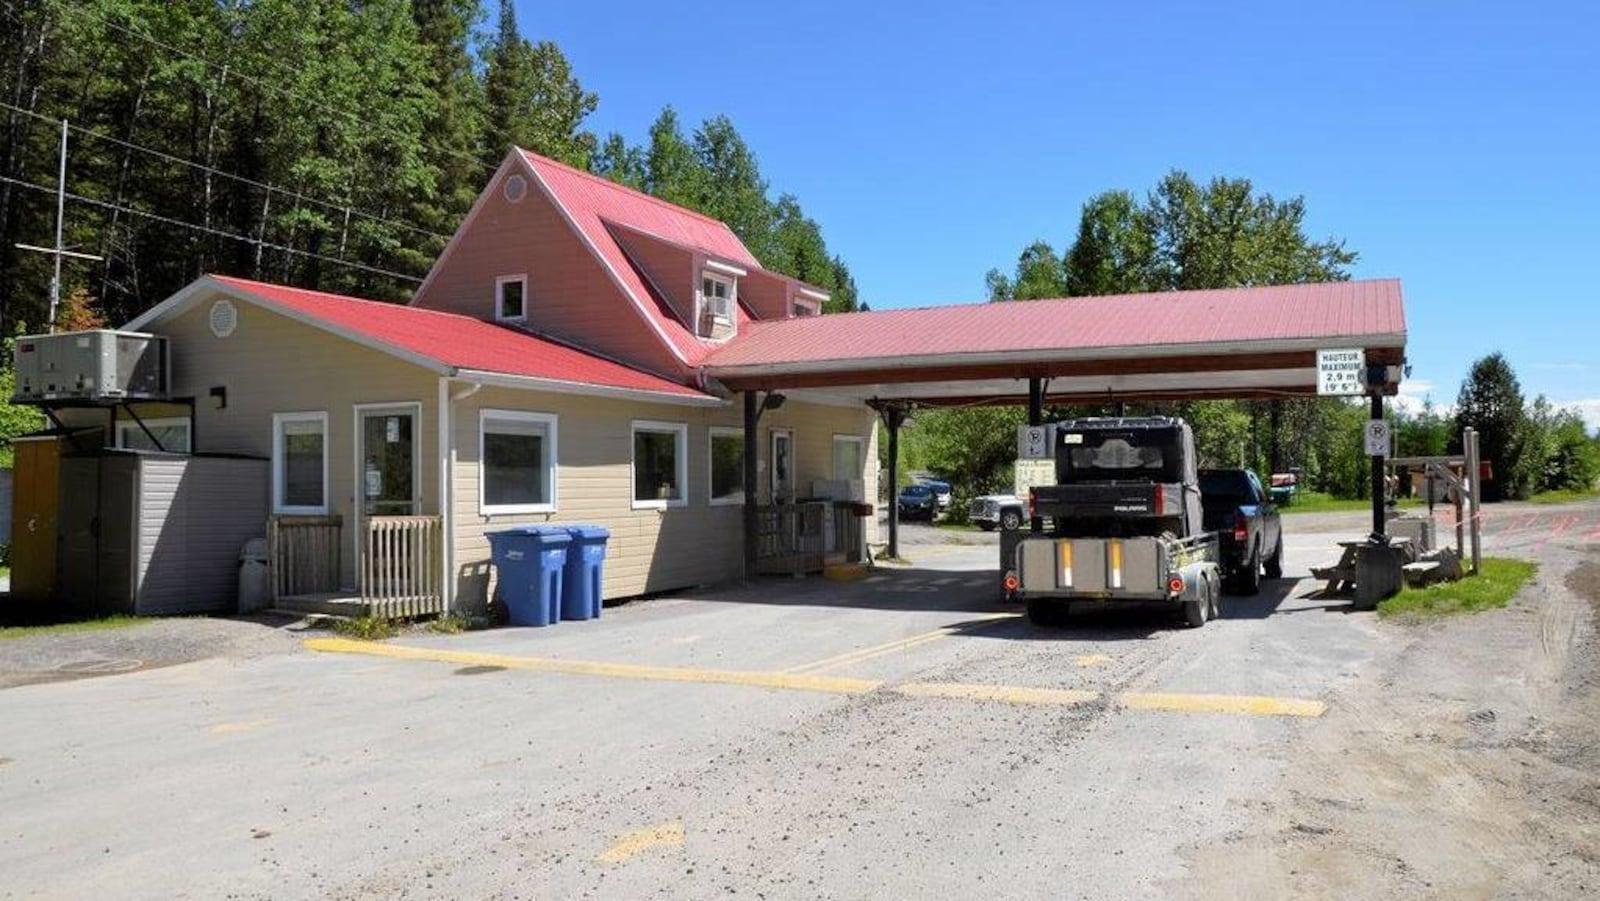 Un poste d'accueil où les automobilistes doivent s'enregistrer avant d'aller plus loin dans la zone d'exploitation contrôlée.